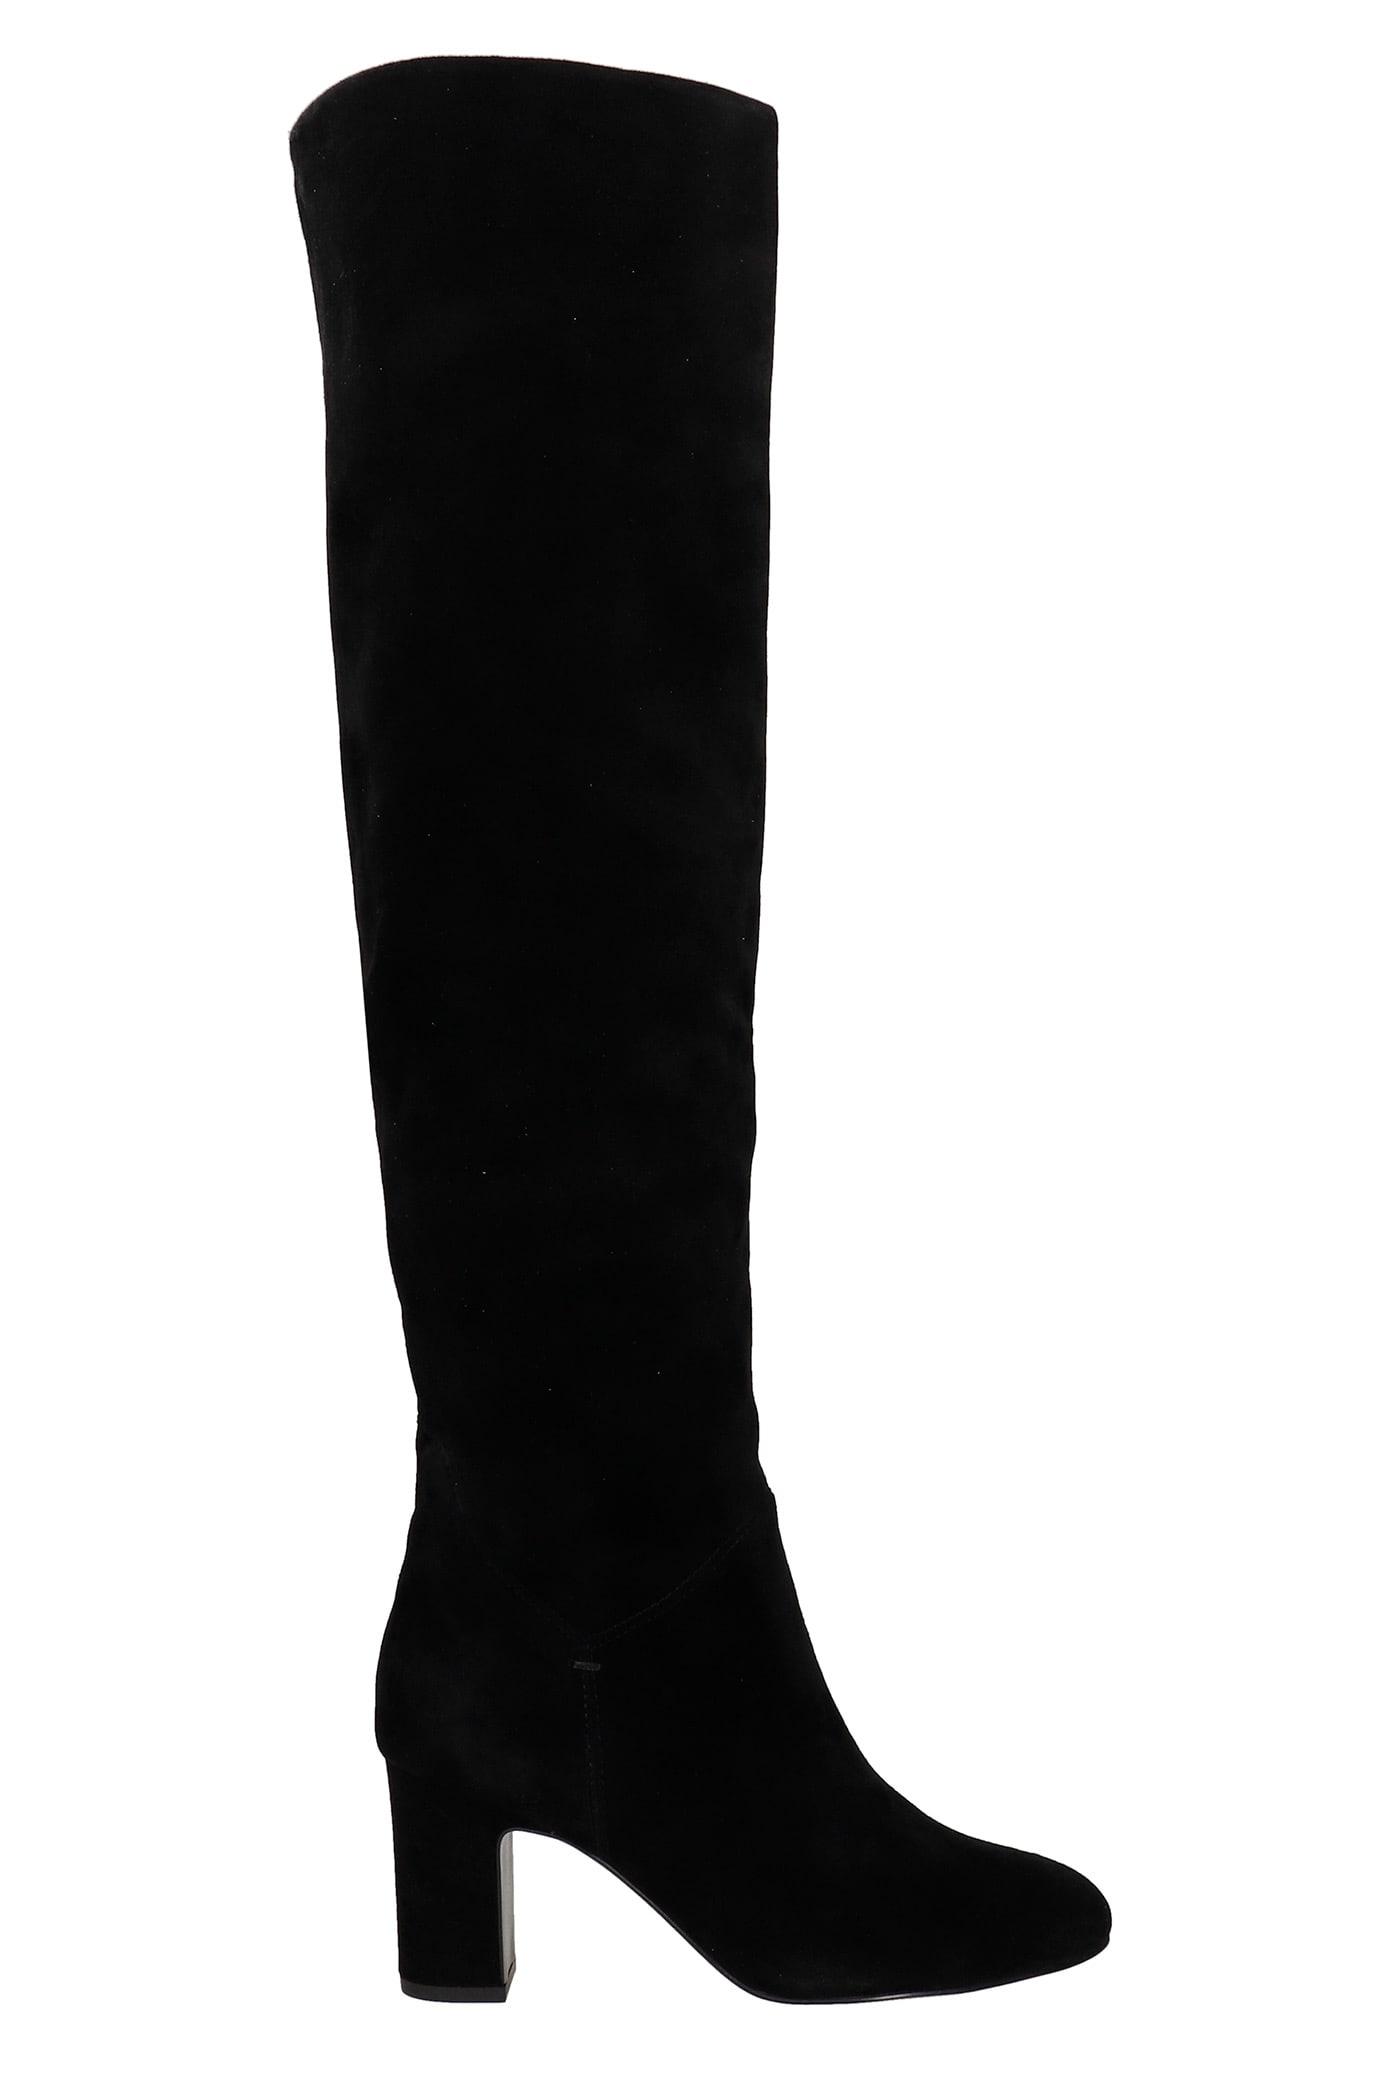 High Heels Boots In Black Suede